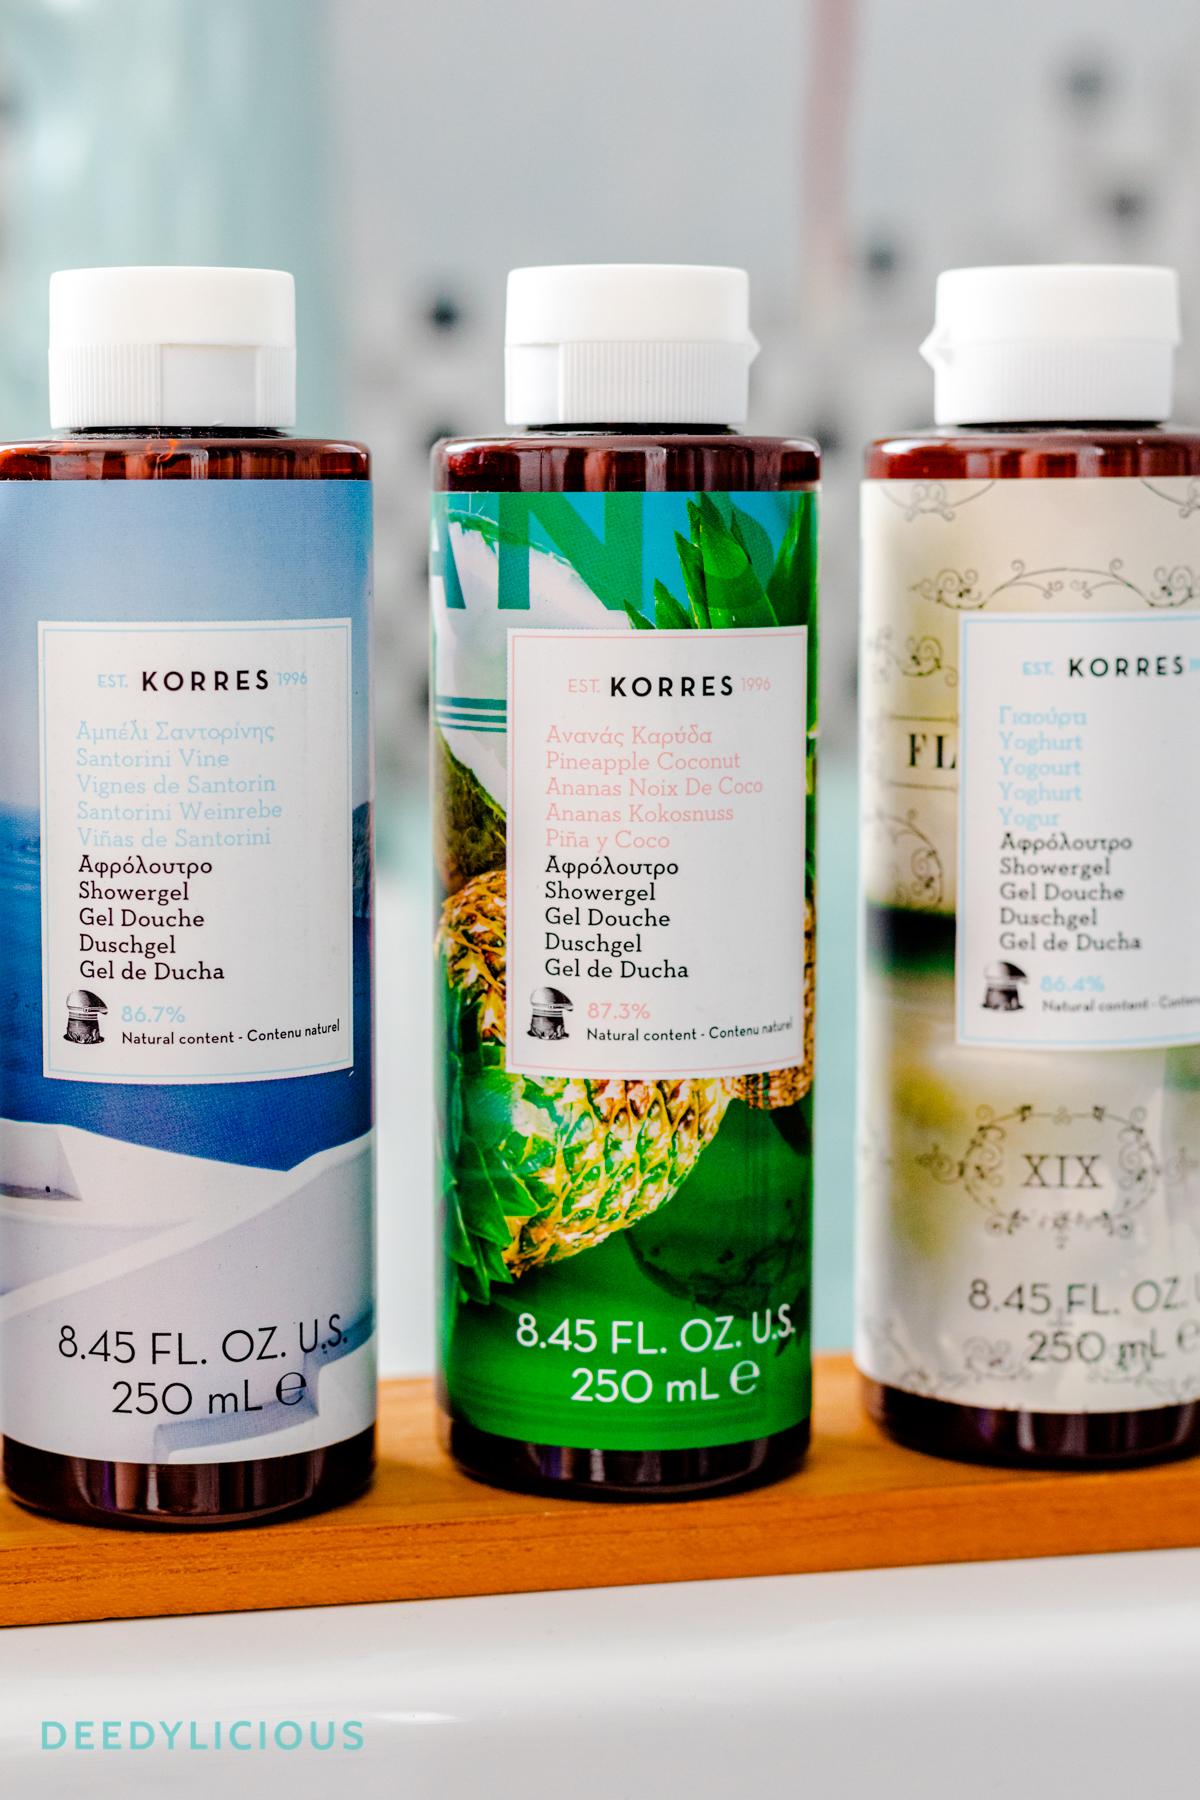 Verzameling Korres Douchegels op rand van bad